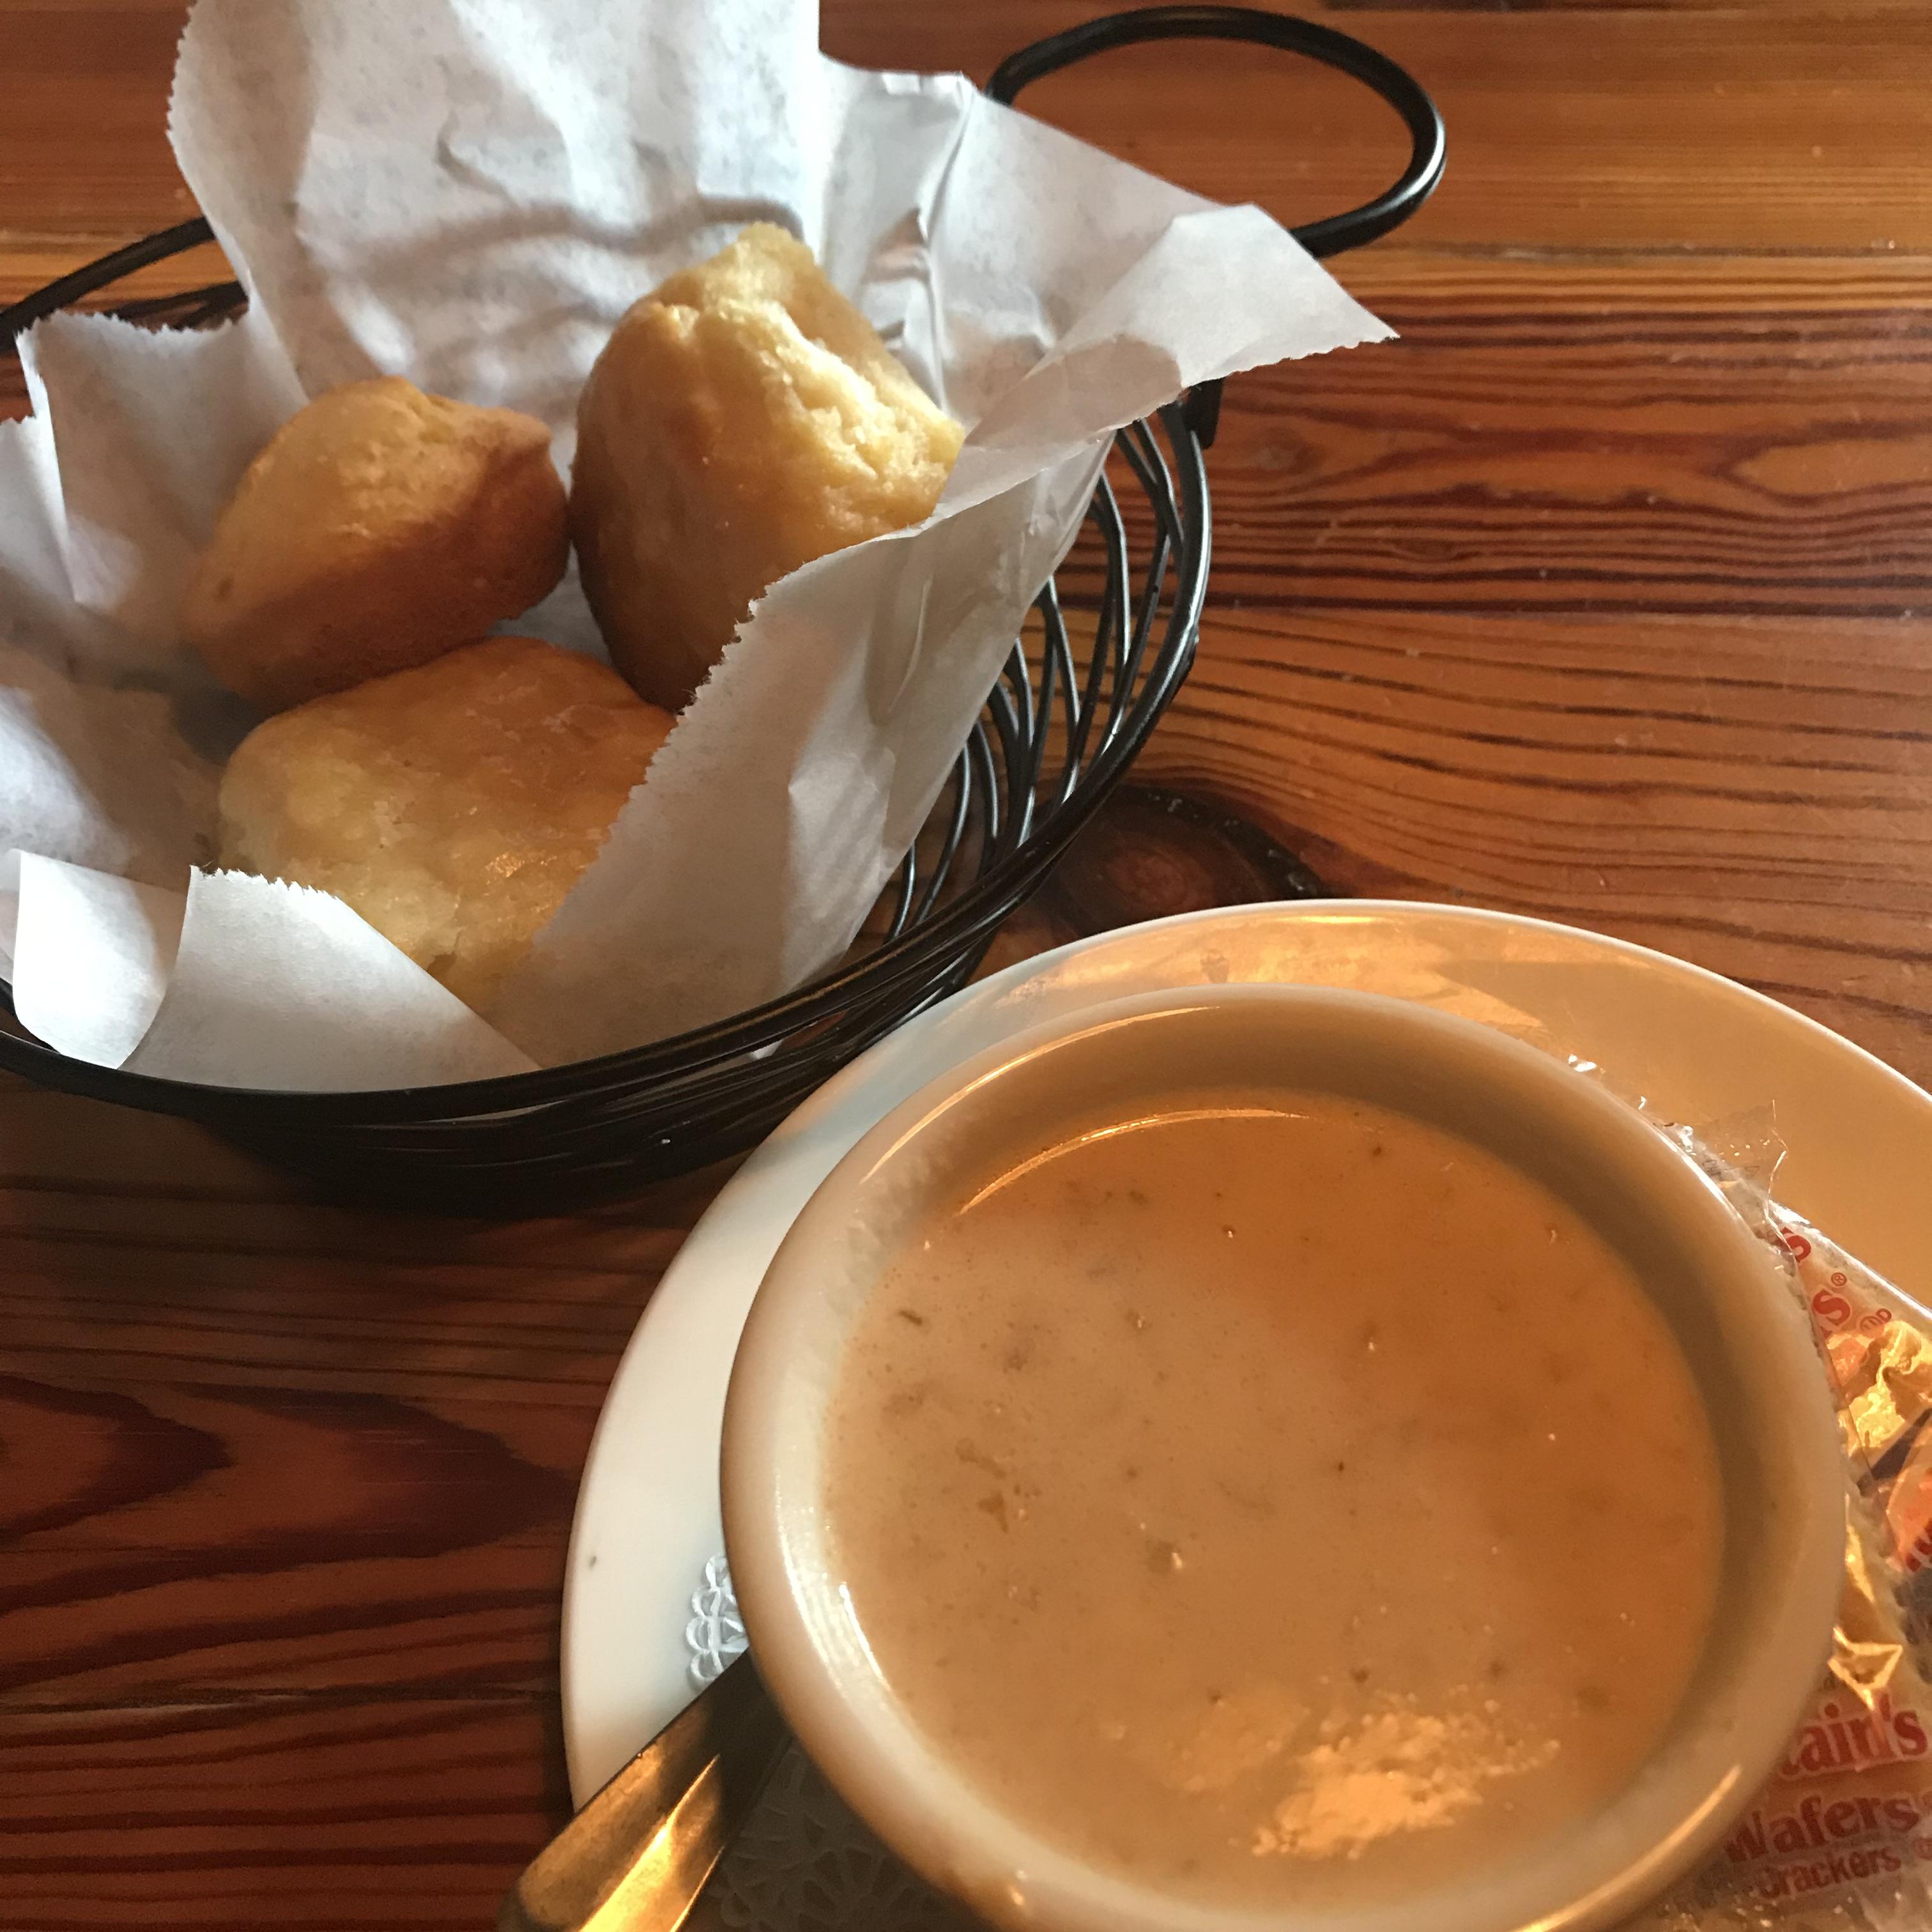 Long Weekend in Savannah: Crab Soup